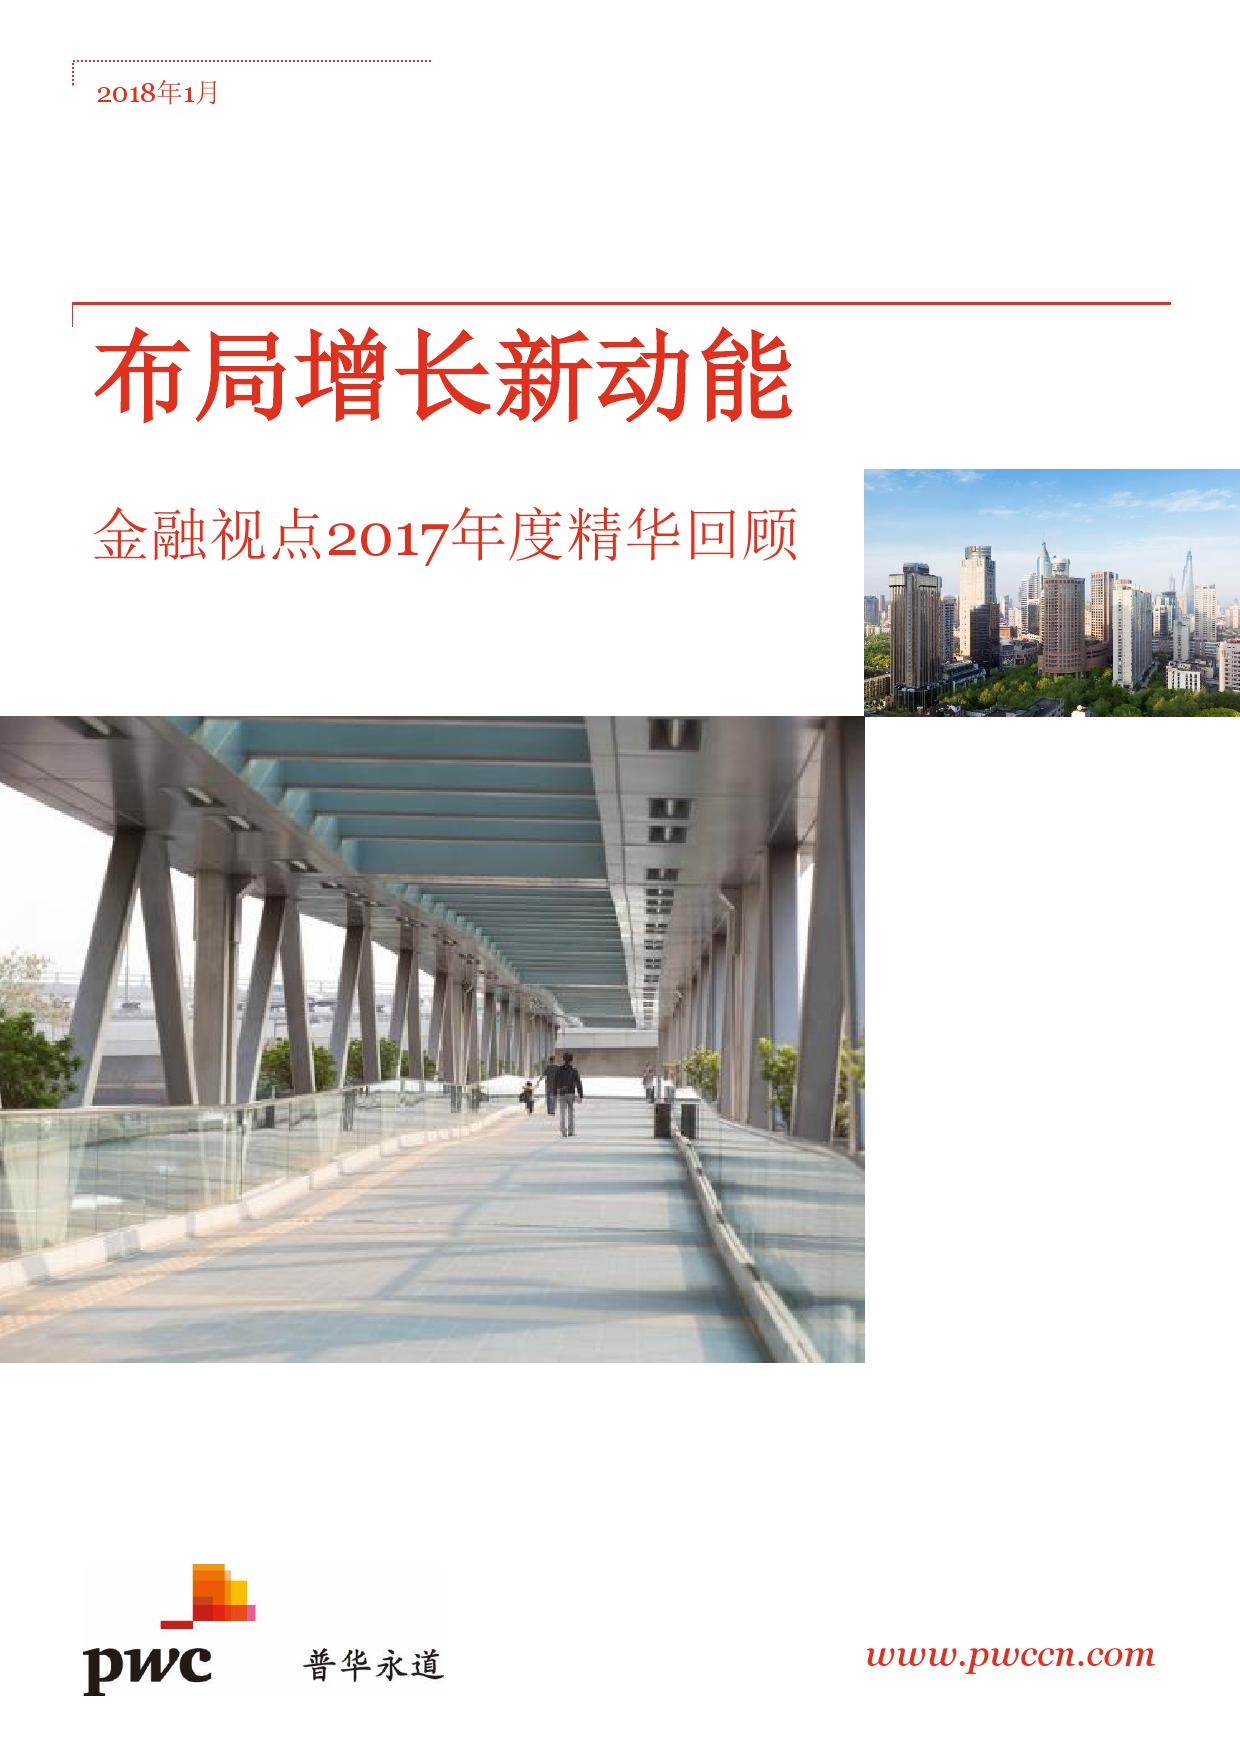 普华永道: 2017年度金融视点精华回顾(附下载)